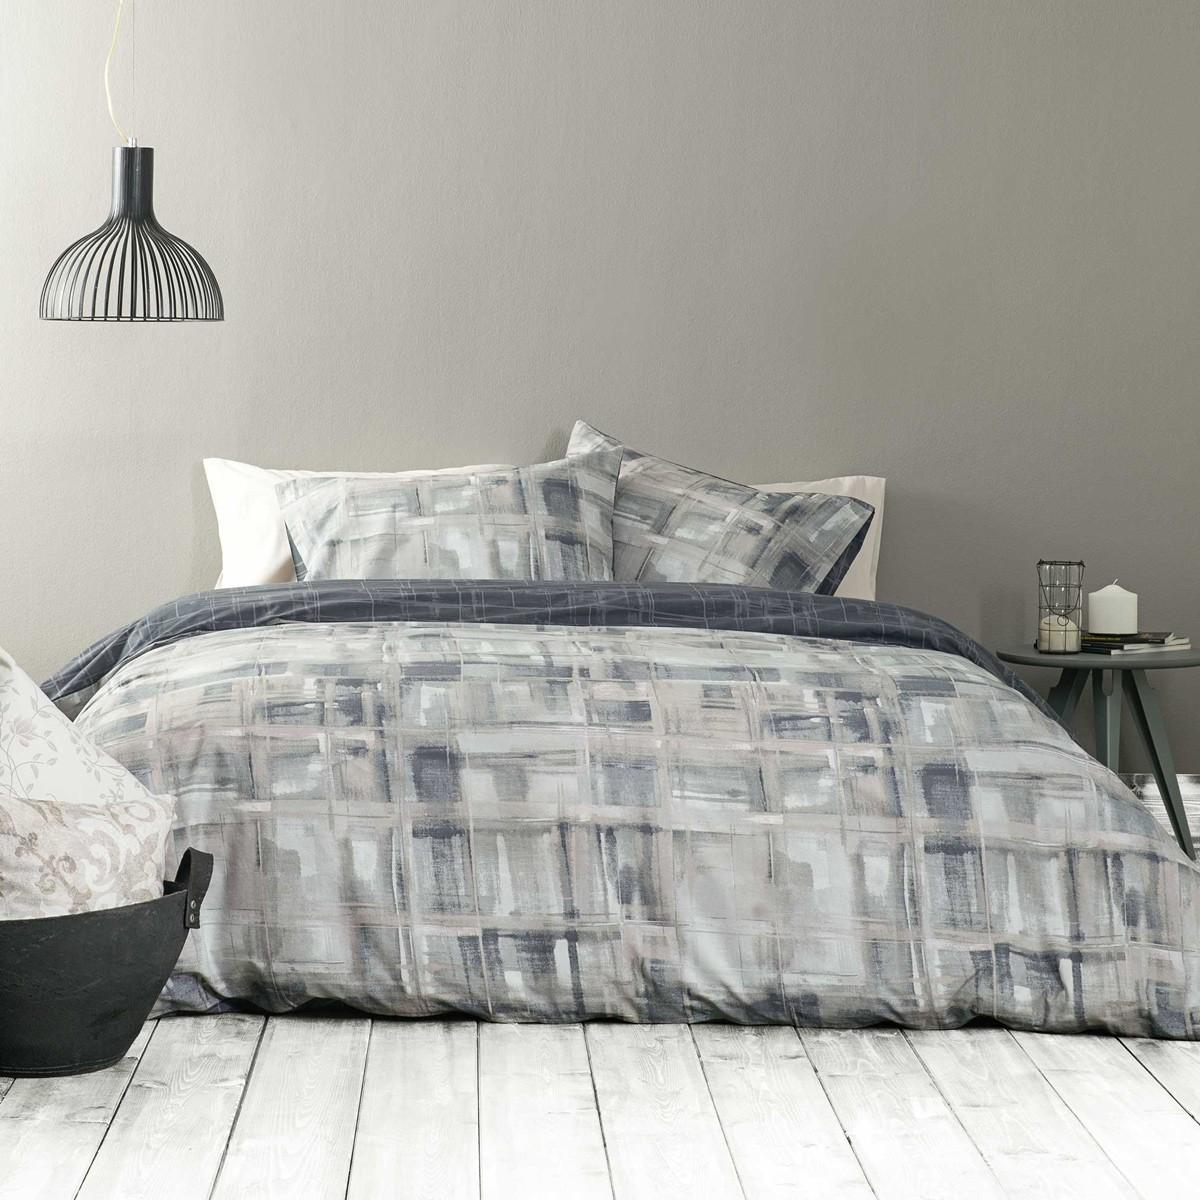 Σεντόνια Υπέρδιπλα (Σετ) Nima Bed Linen Fianchetto Grey ΧΩΡΙΣ ΛΑΣΤΙΧΟ ΧΩΡΙΣ ΛΑΣΤΙΧΟ